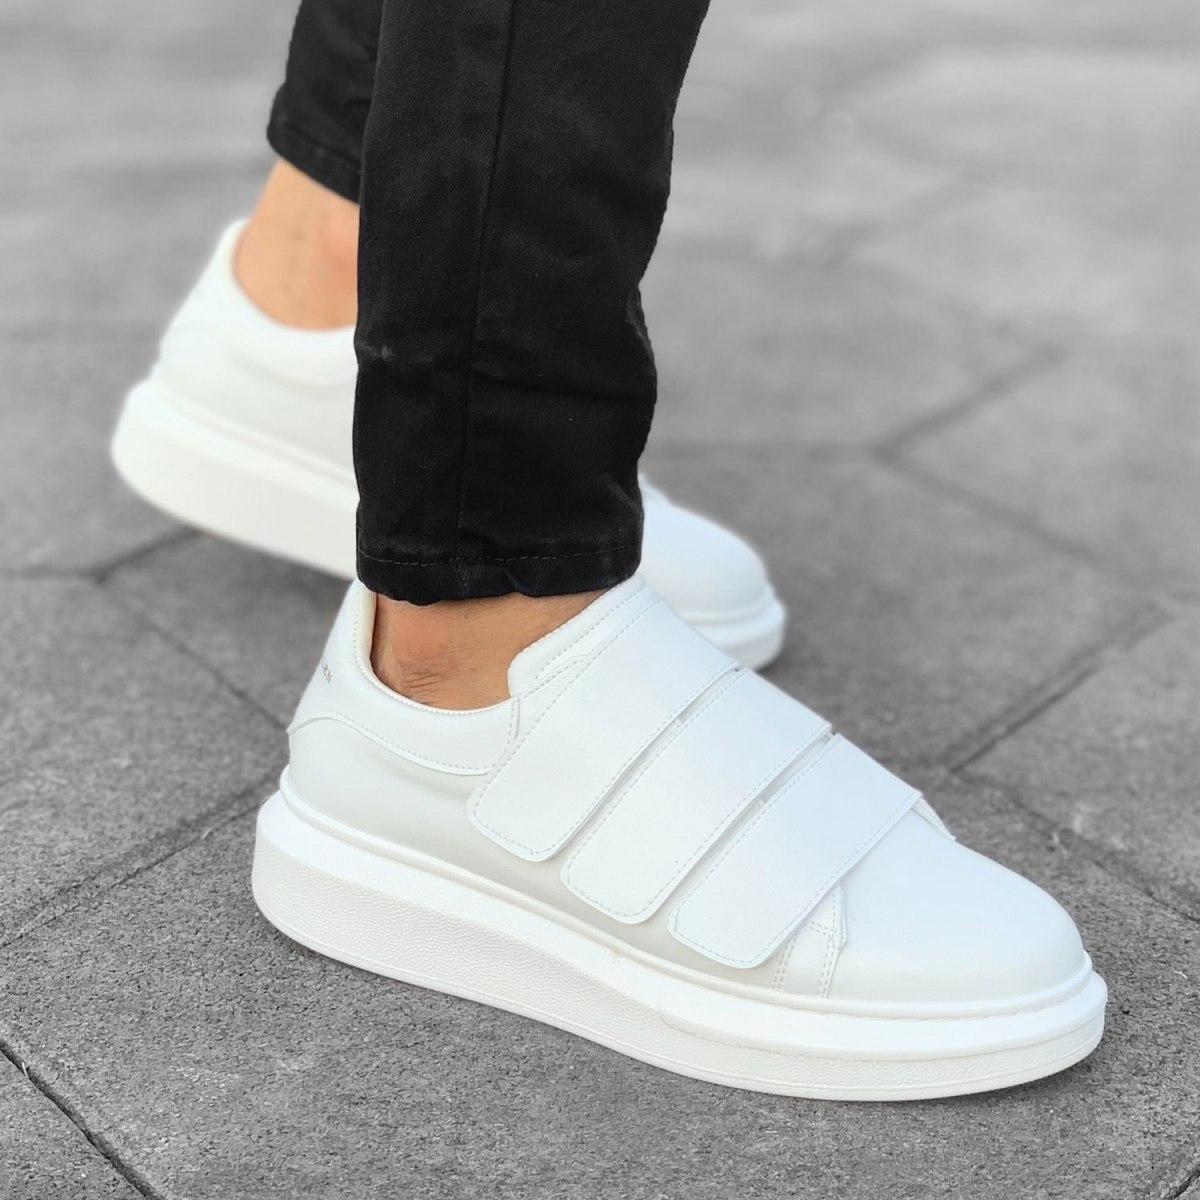 Herren Hype Sole Sneakers...